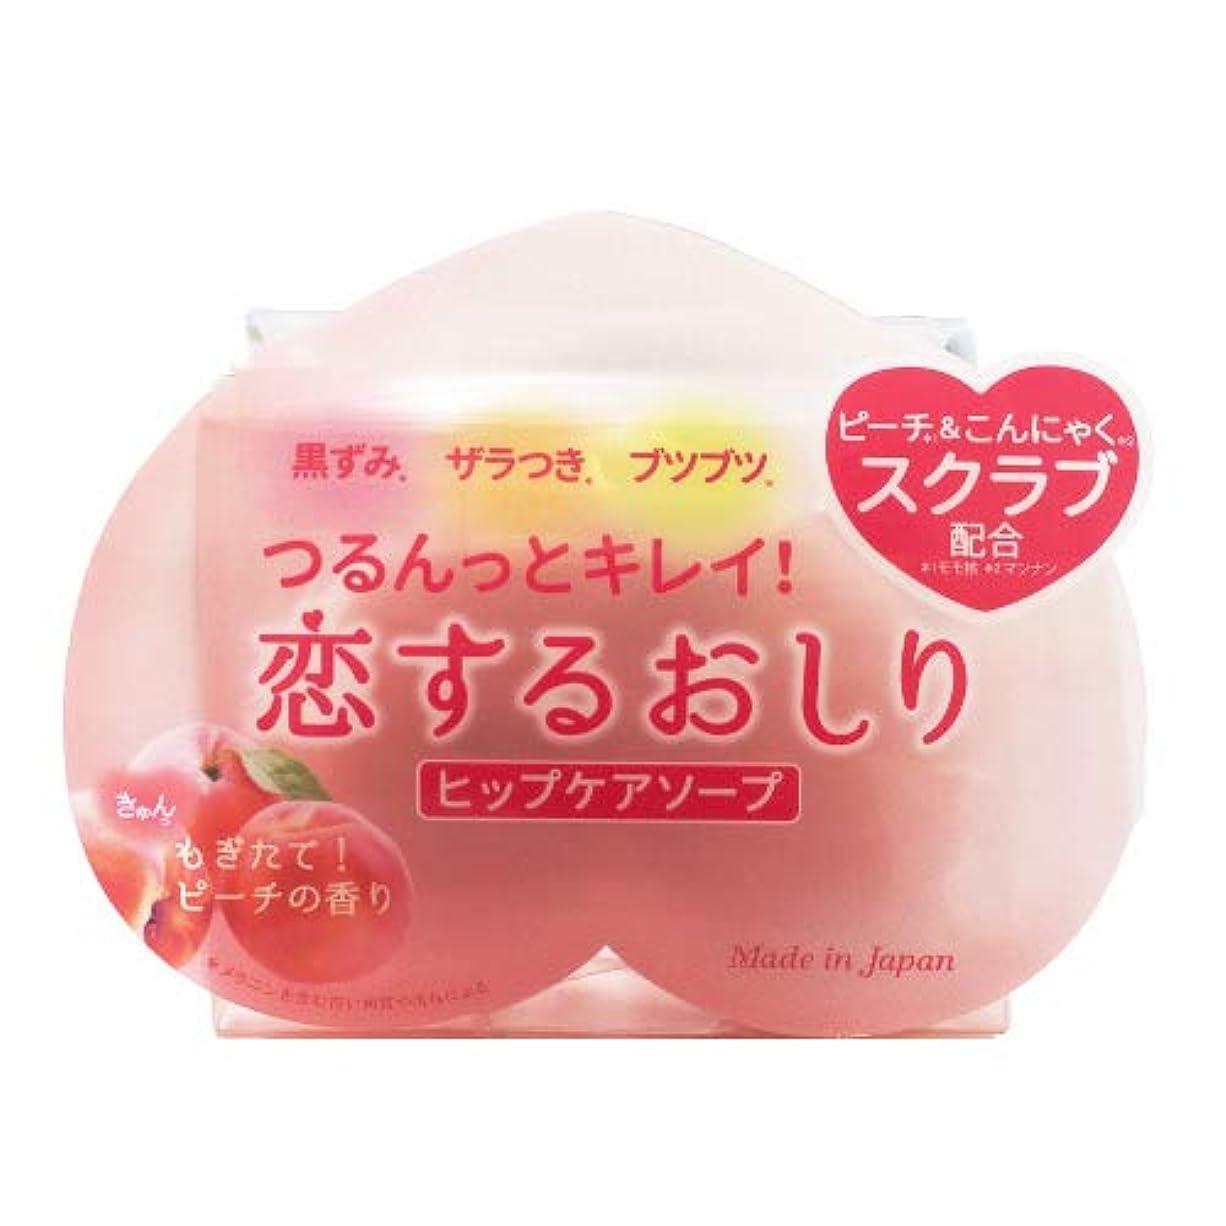 楽観的区別魅力的ペリカン石鹸 恋するおしり ヒップケアソープ 80g